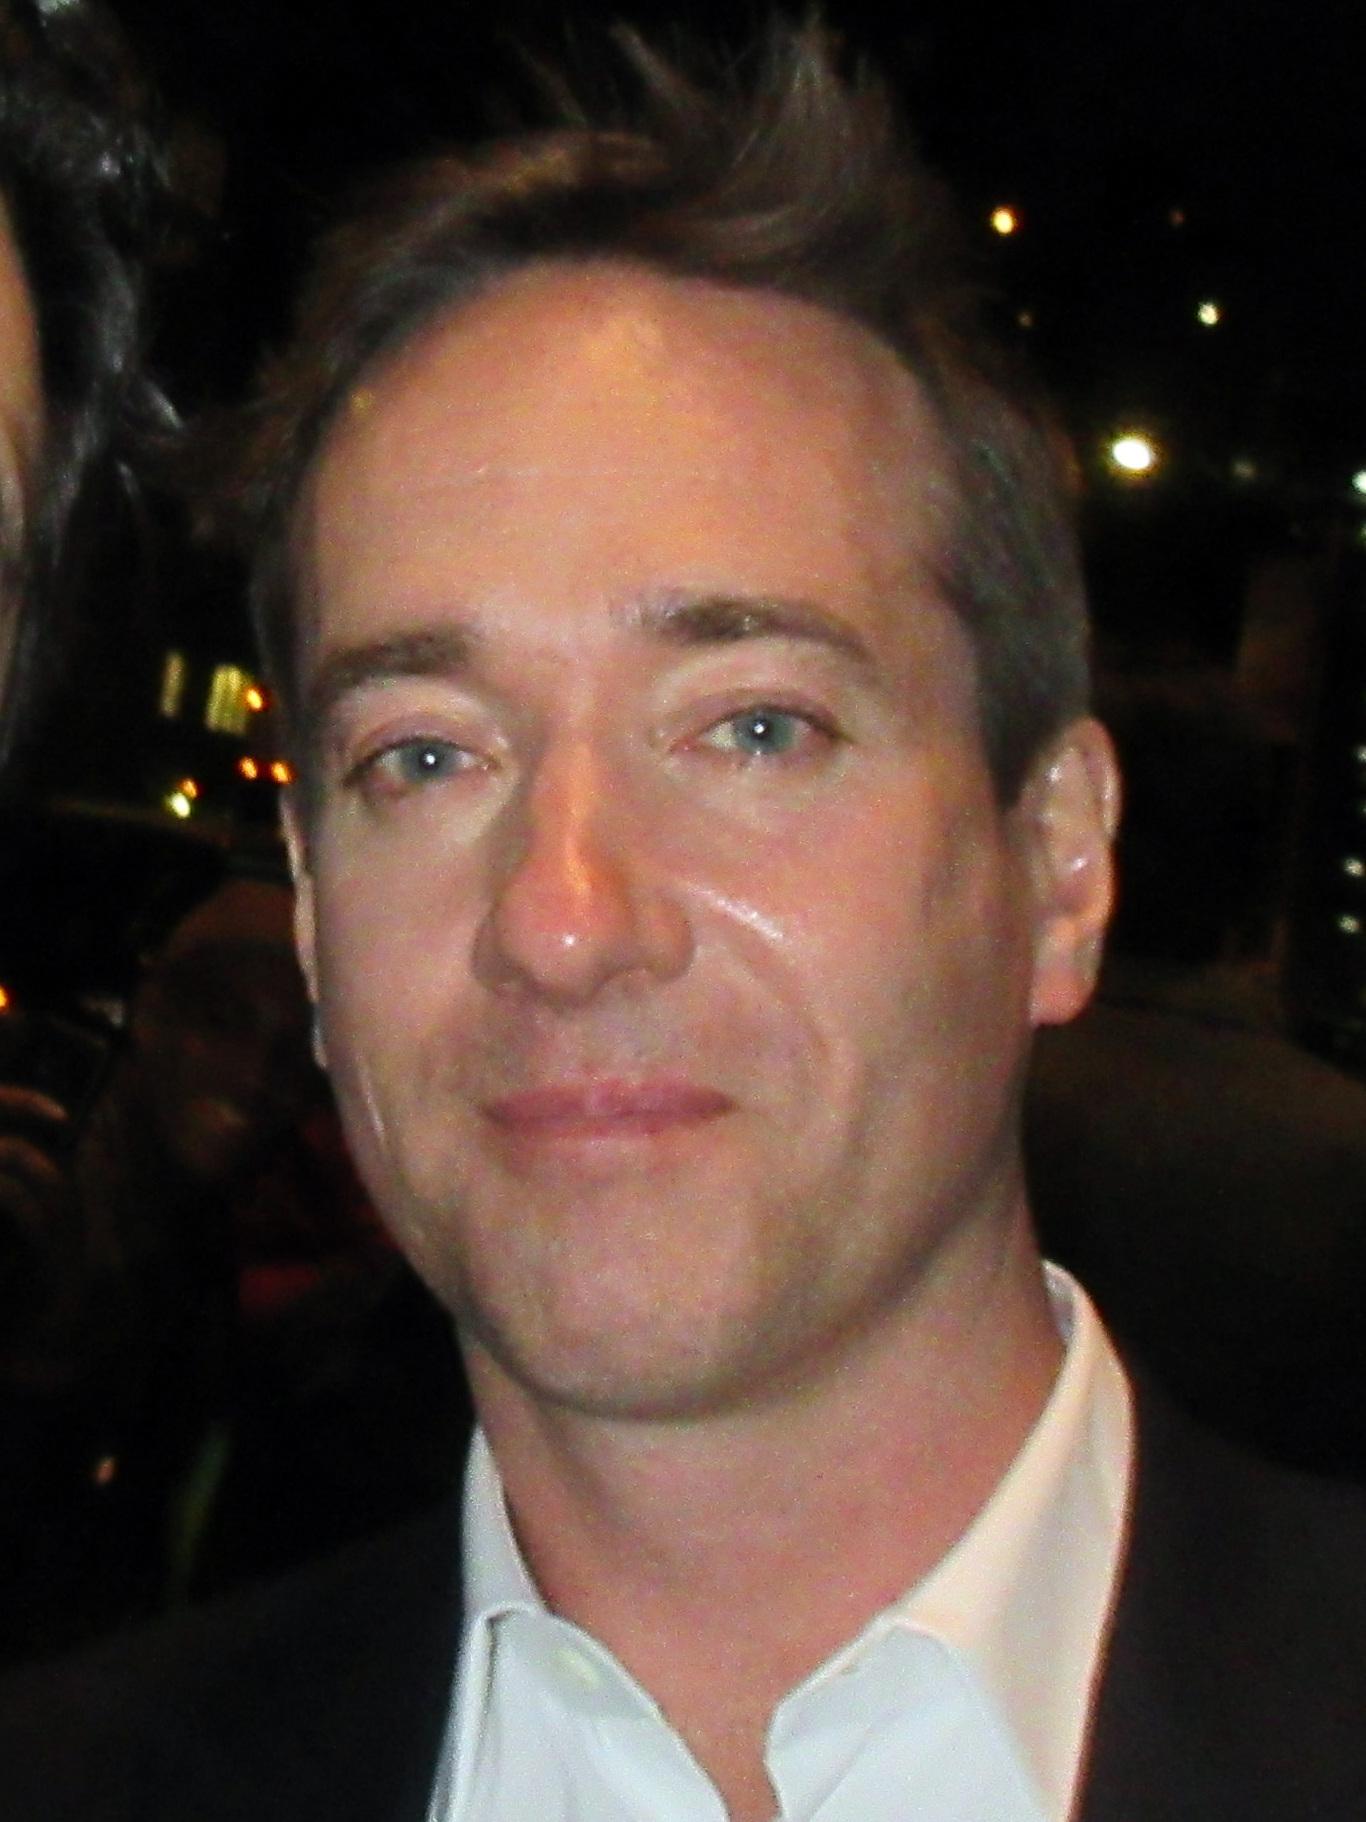 Matthew Macfadyen - Simple English Wikipedia, the free ...